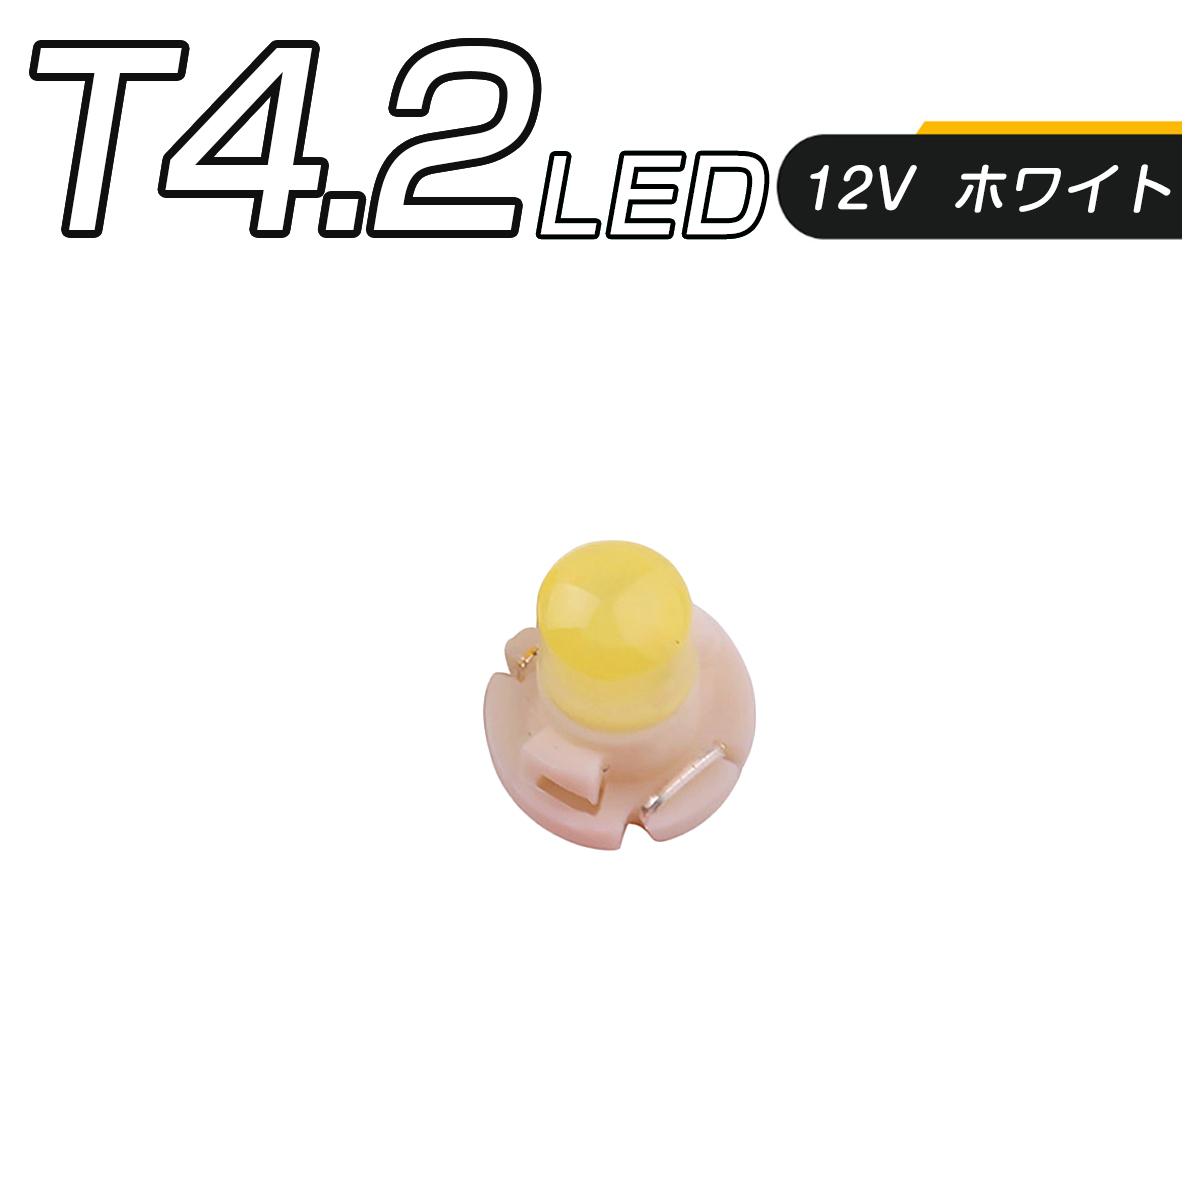 LED T4.2 SMD 白 メーター球 タコランプ インジケーター エアコンパネル 超拡散 全面発光 2個セット SDM便送料無料 1ヶ月保証